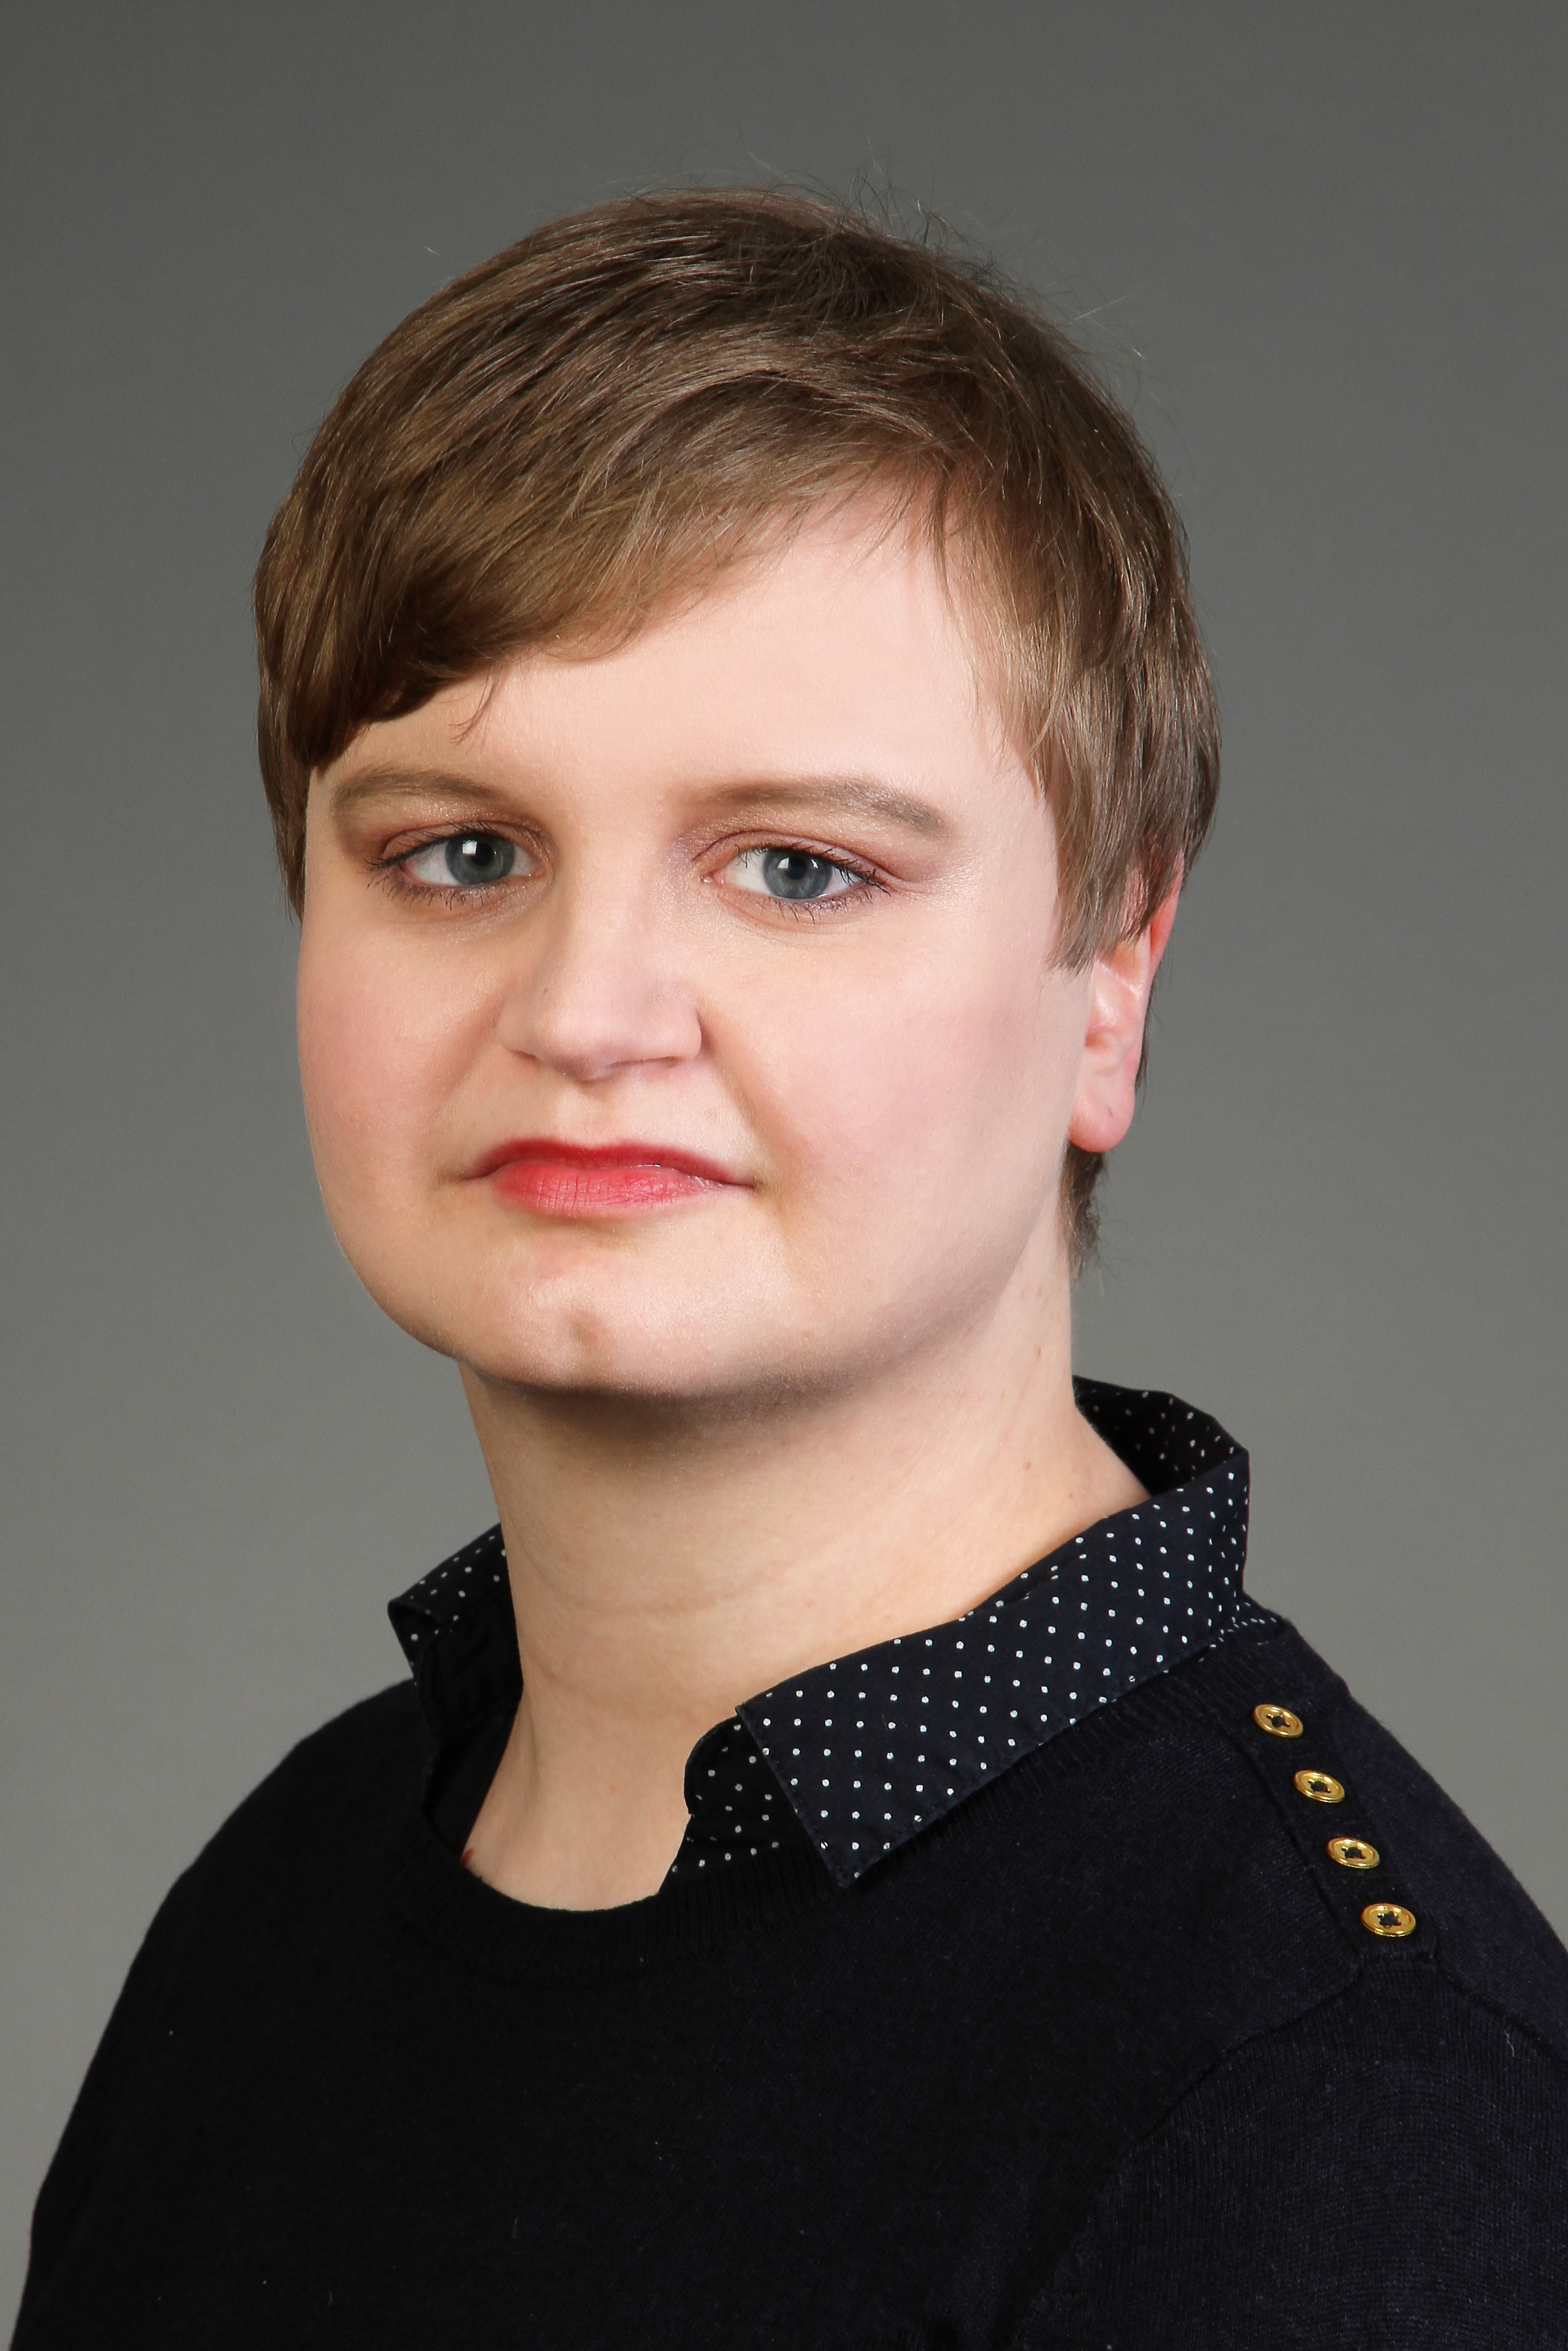 Daniela ohlendorf dissertation